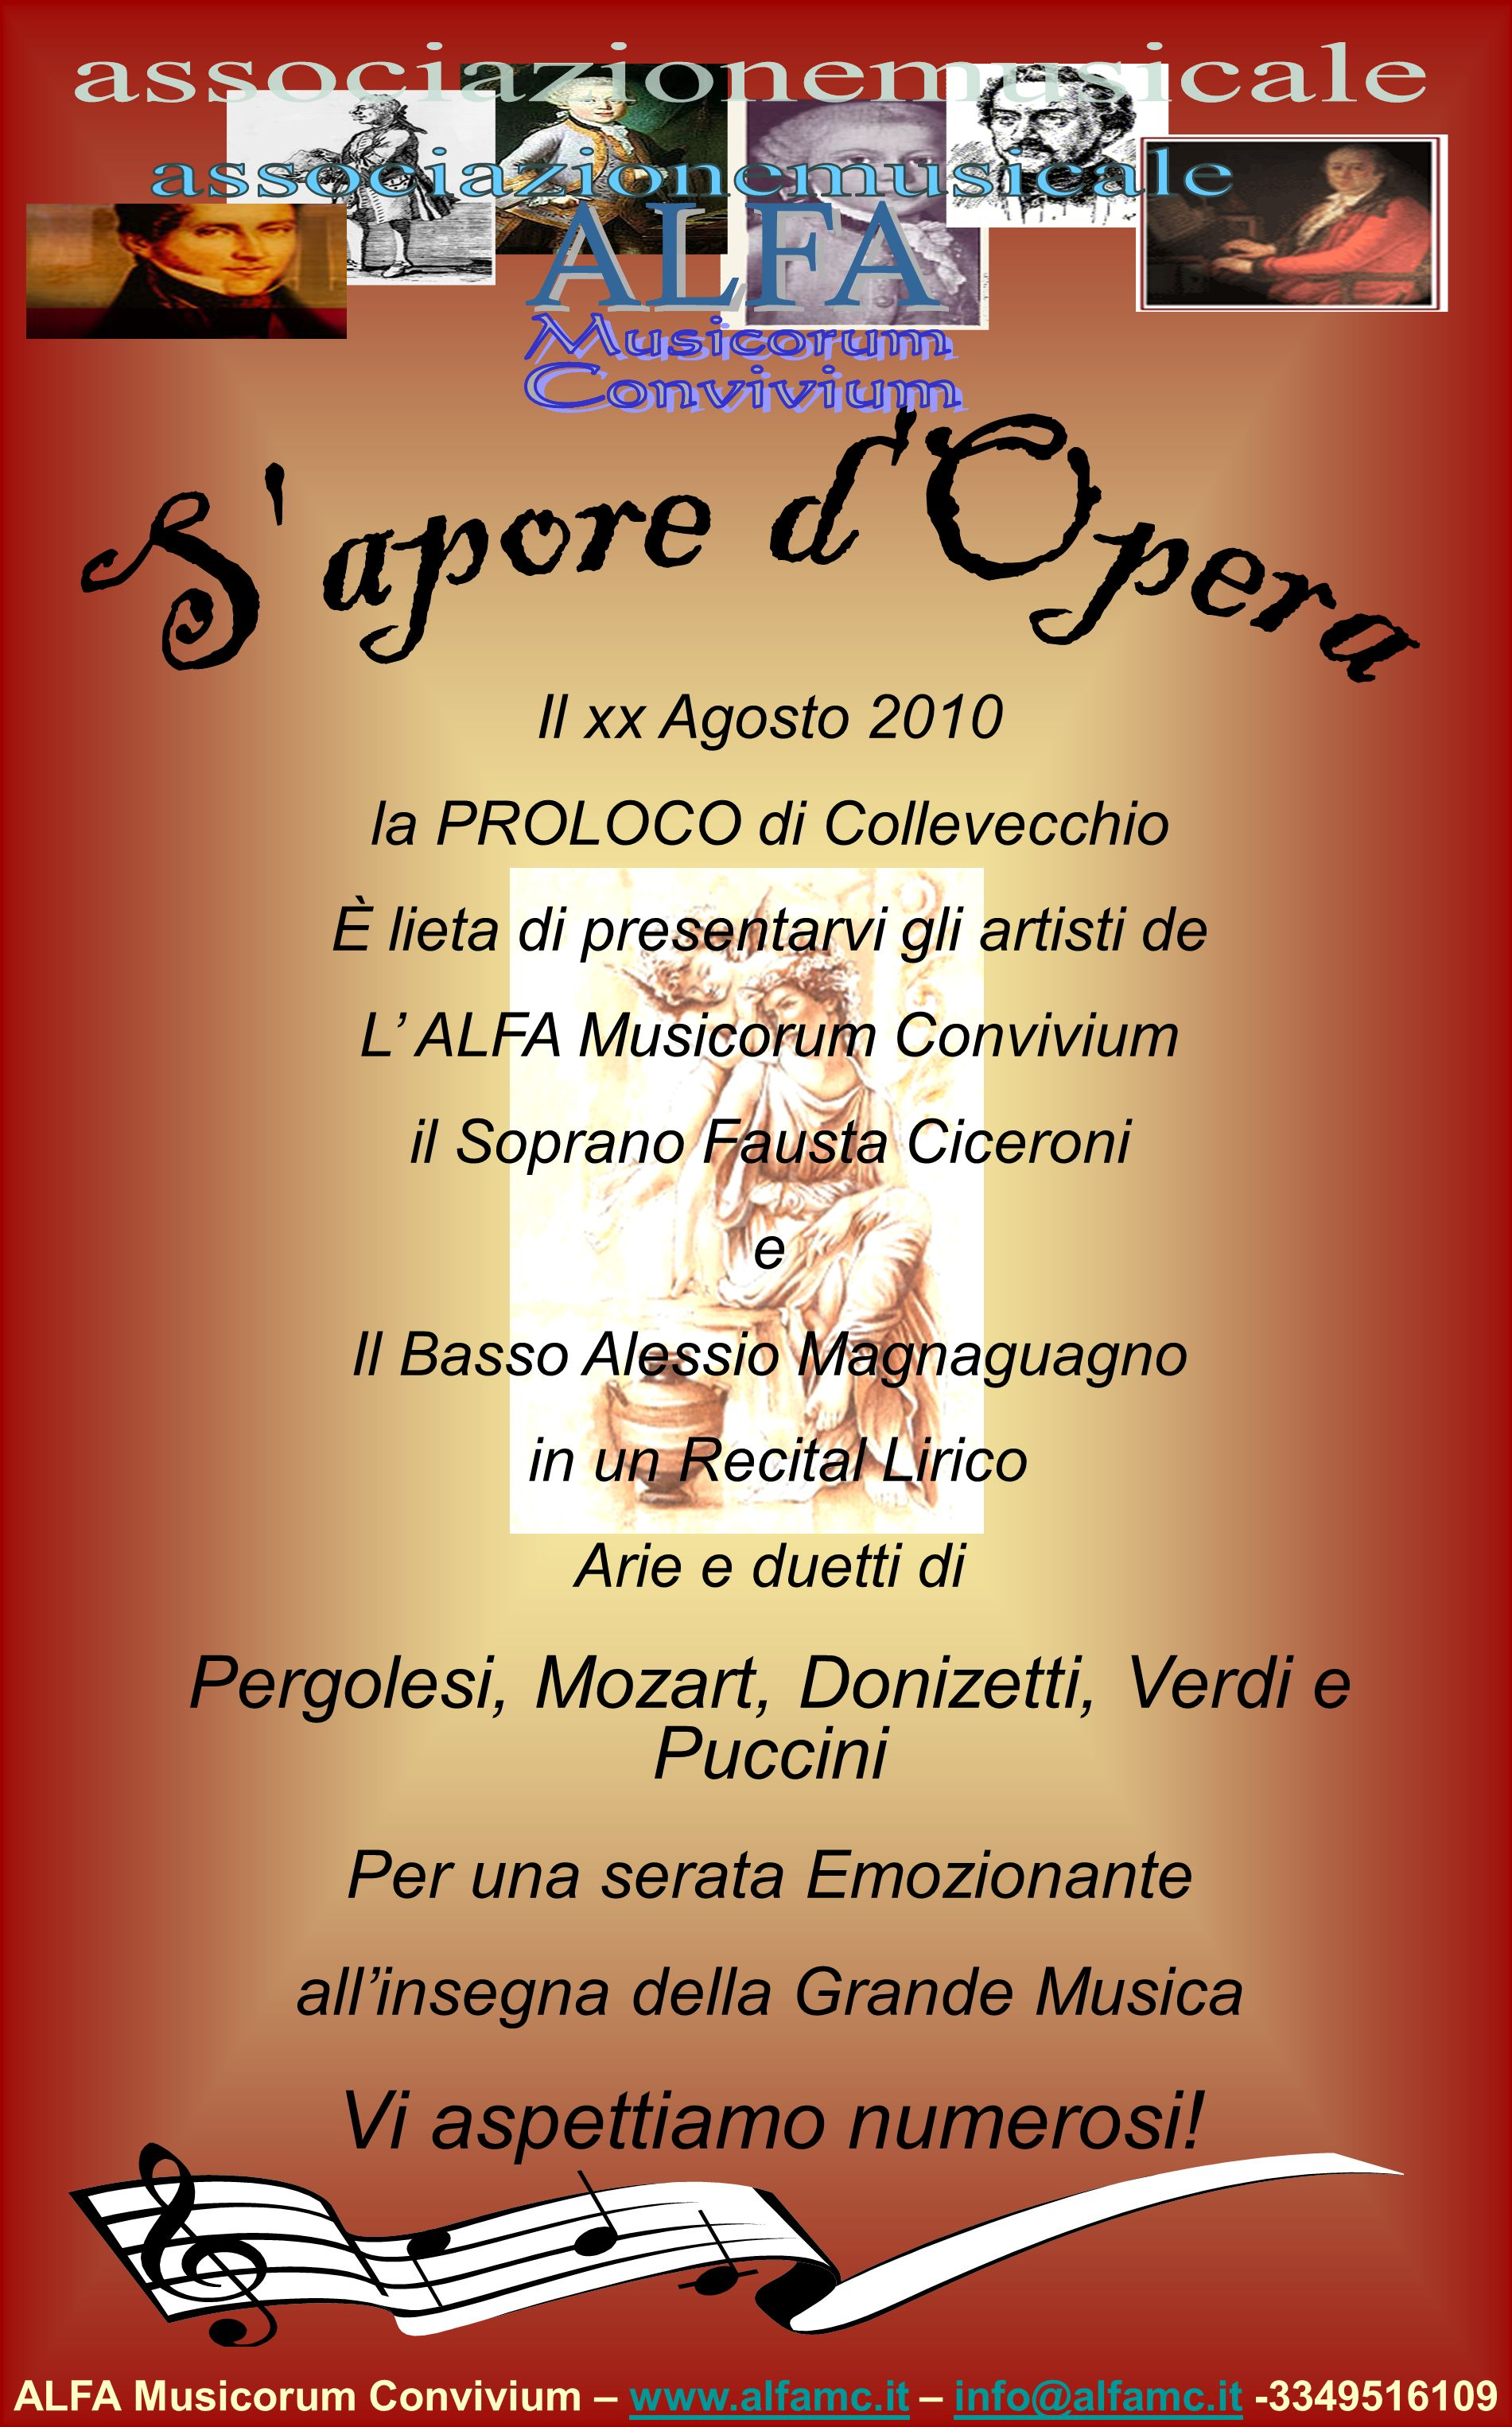 ALFA Musicorum Convivium – www.alfamc.it – info@alfamc.it -3349516109www.alfamc.itinfo@alfamc.it Il xx Agosto 2010 la PROLOCO di Collevecchio È lieta